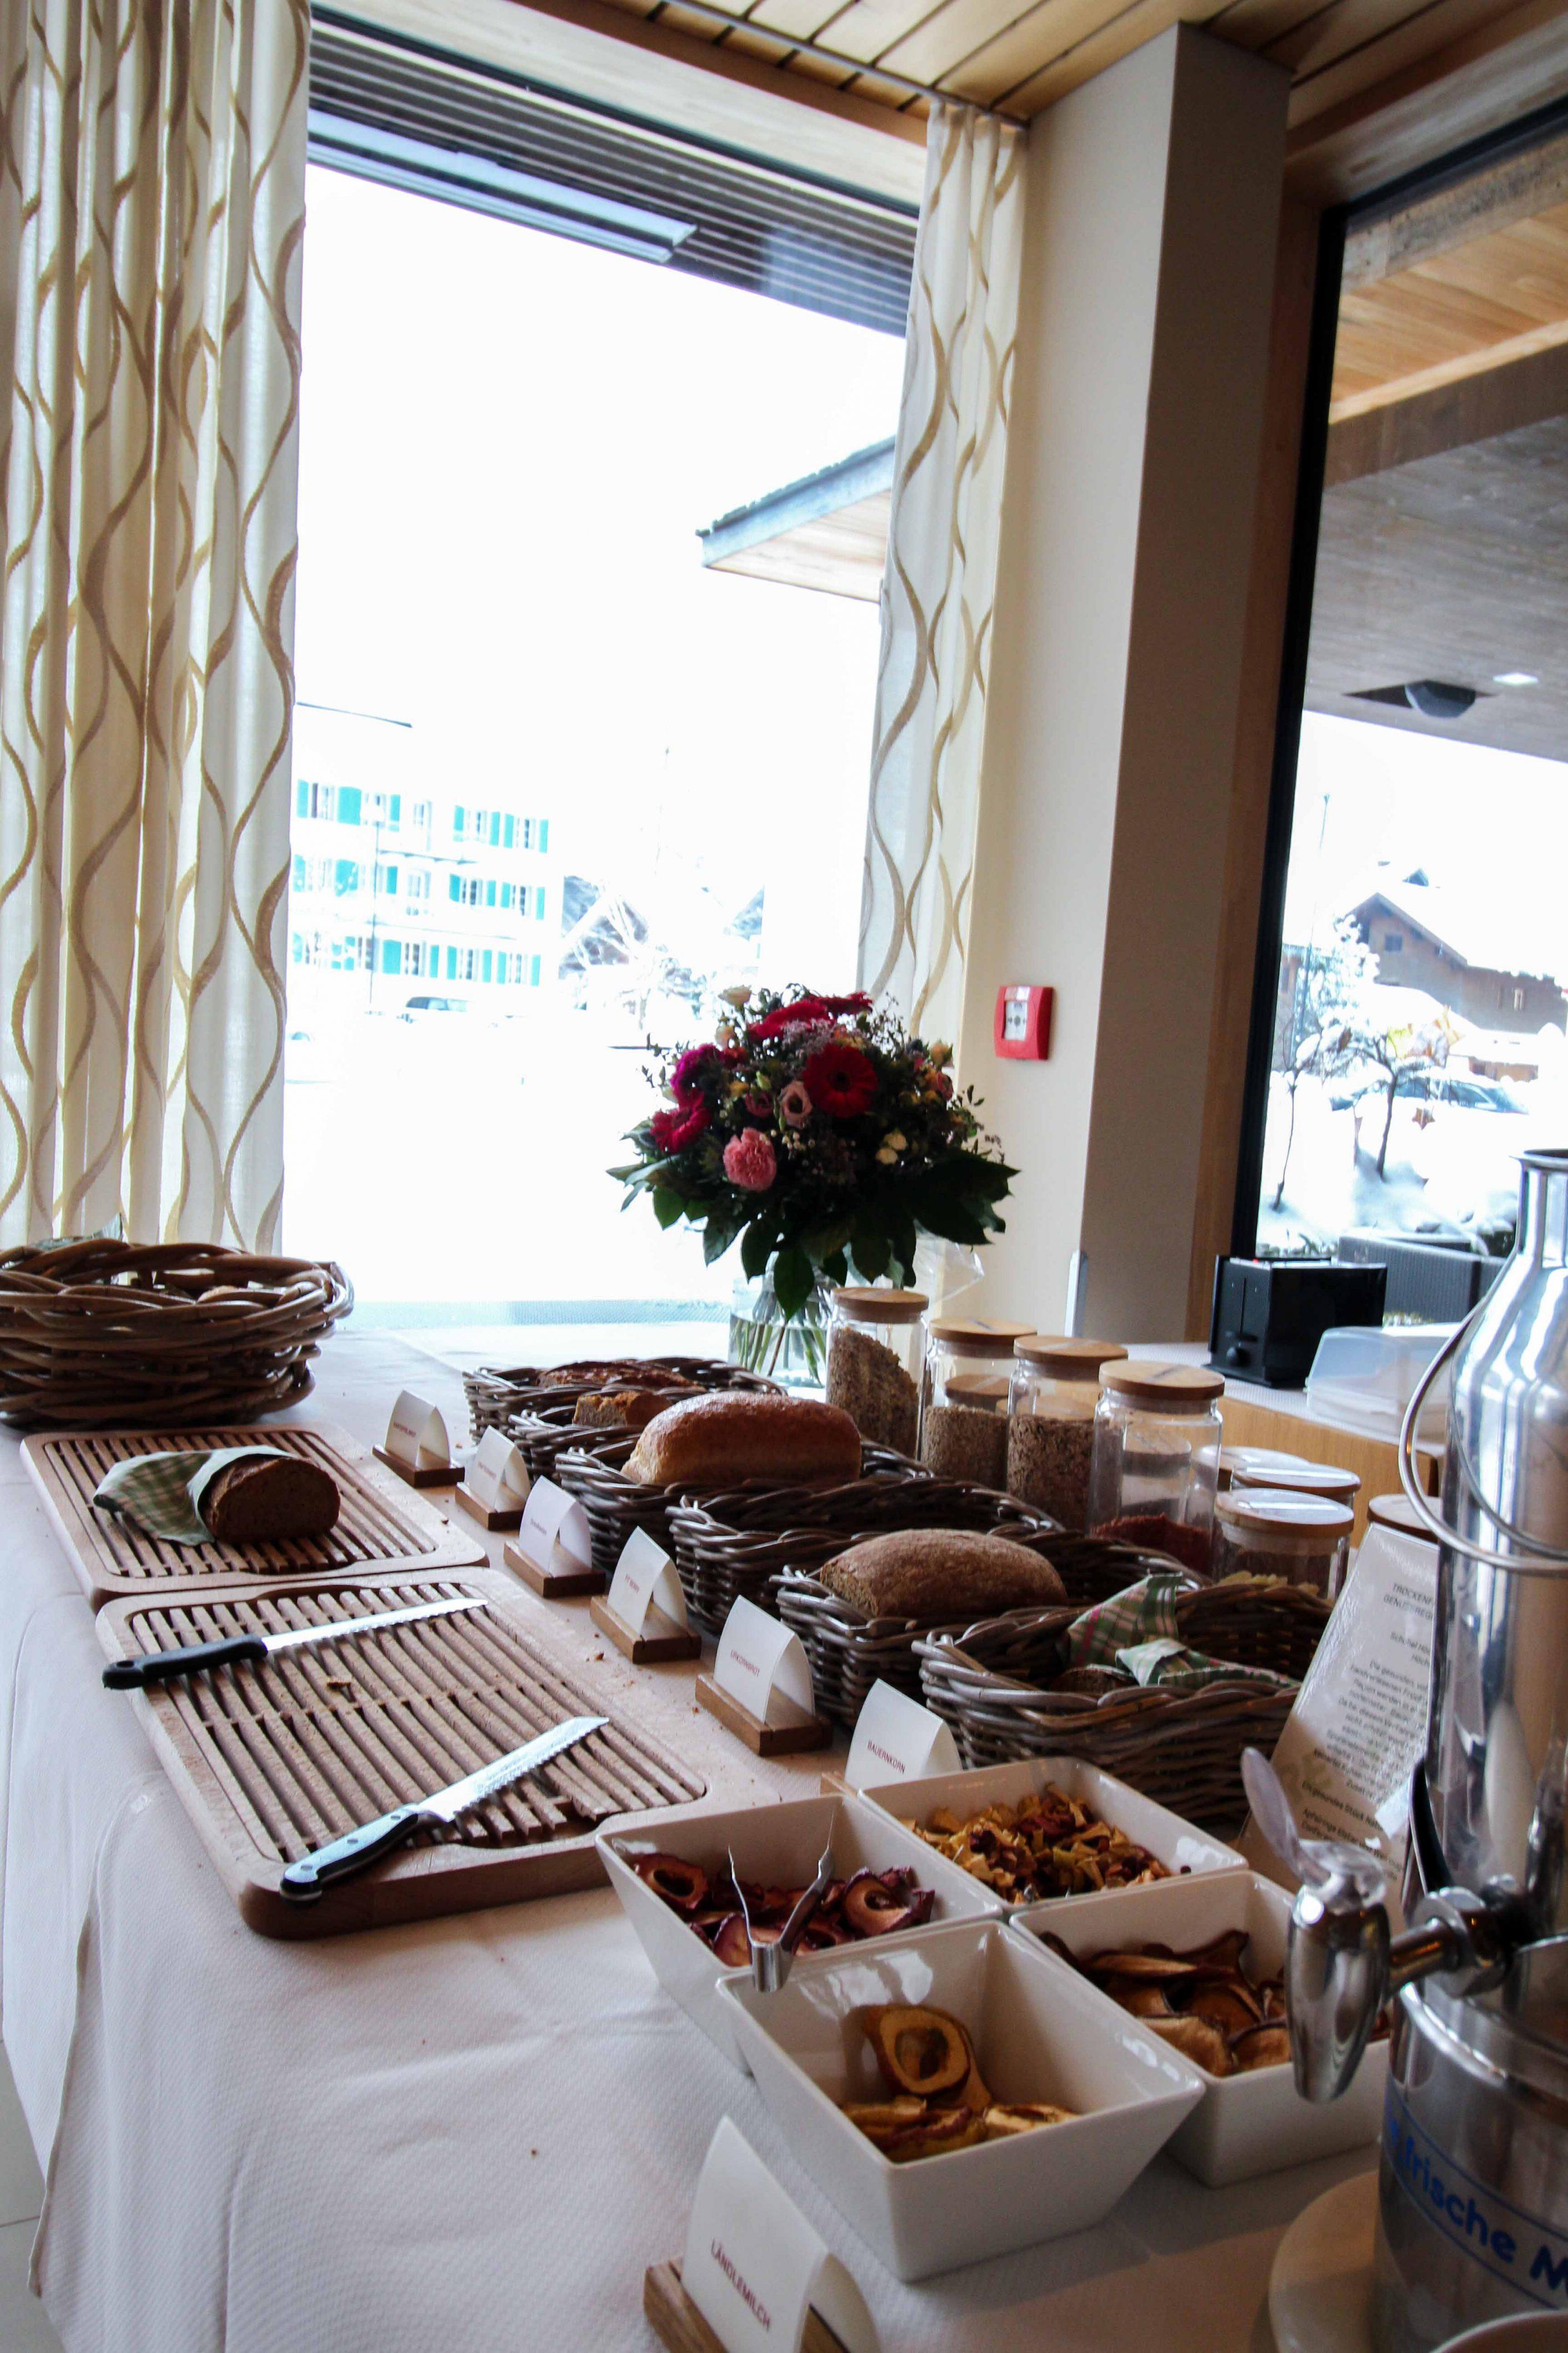 Wellnesswochenende Österreich Sonne Lifestyle Resort Mellau Wellnesshotel Bregenzerwald Gourmetpension Frühstück frisches Brot Reiseblog